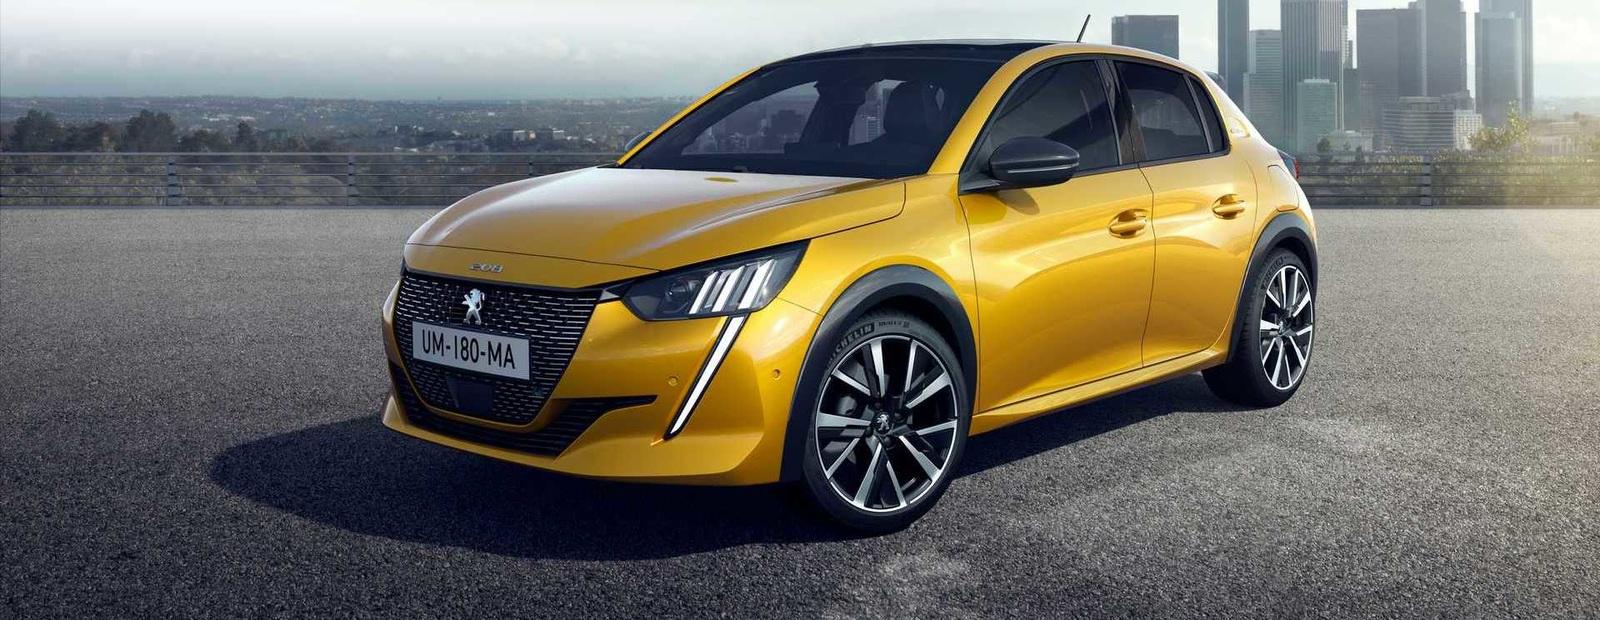 Официально представлен новый Peugeot 208